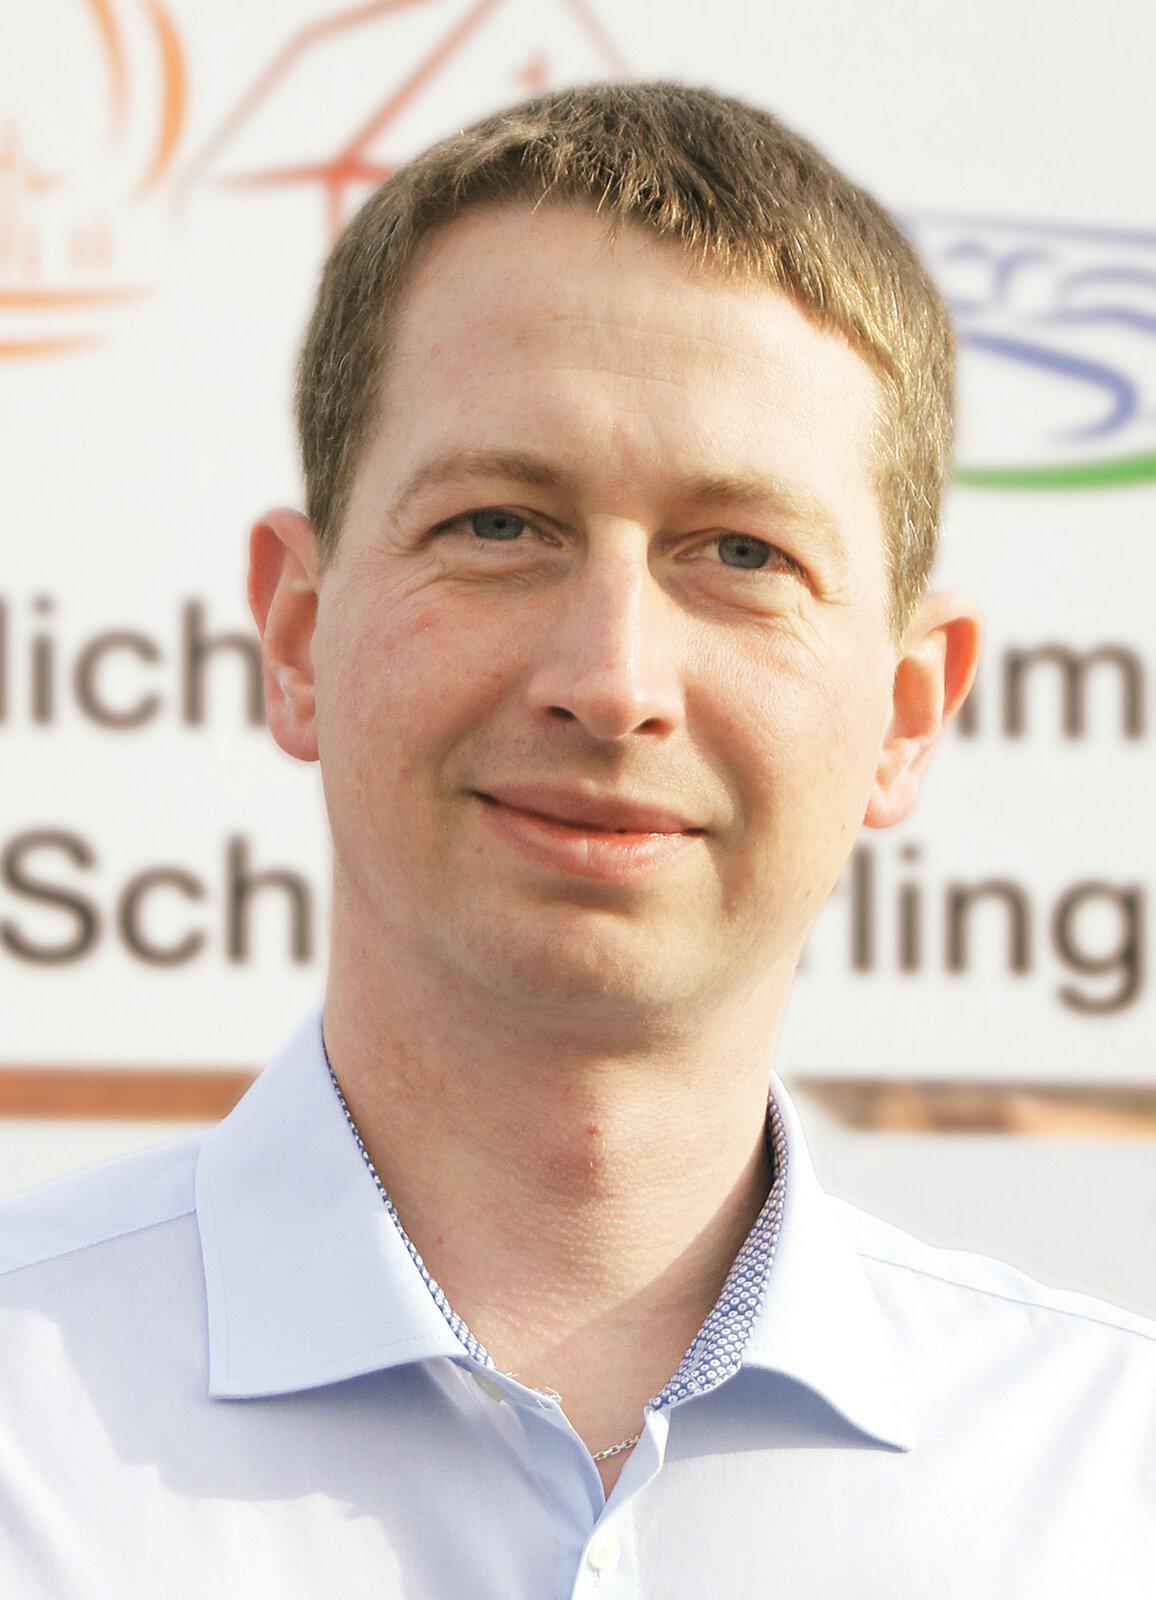 Dominik_Greifensteiner_Freie_W_hlergemeinschaft_Sch_nderling